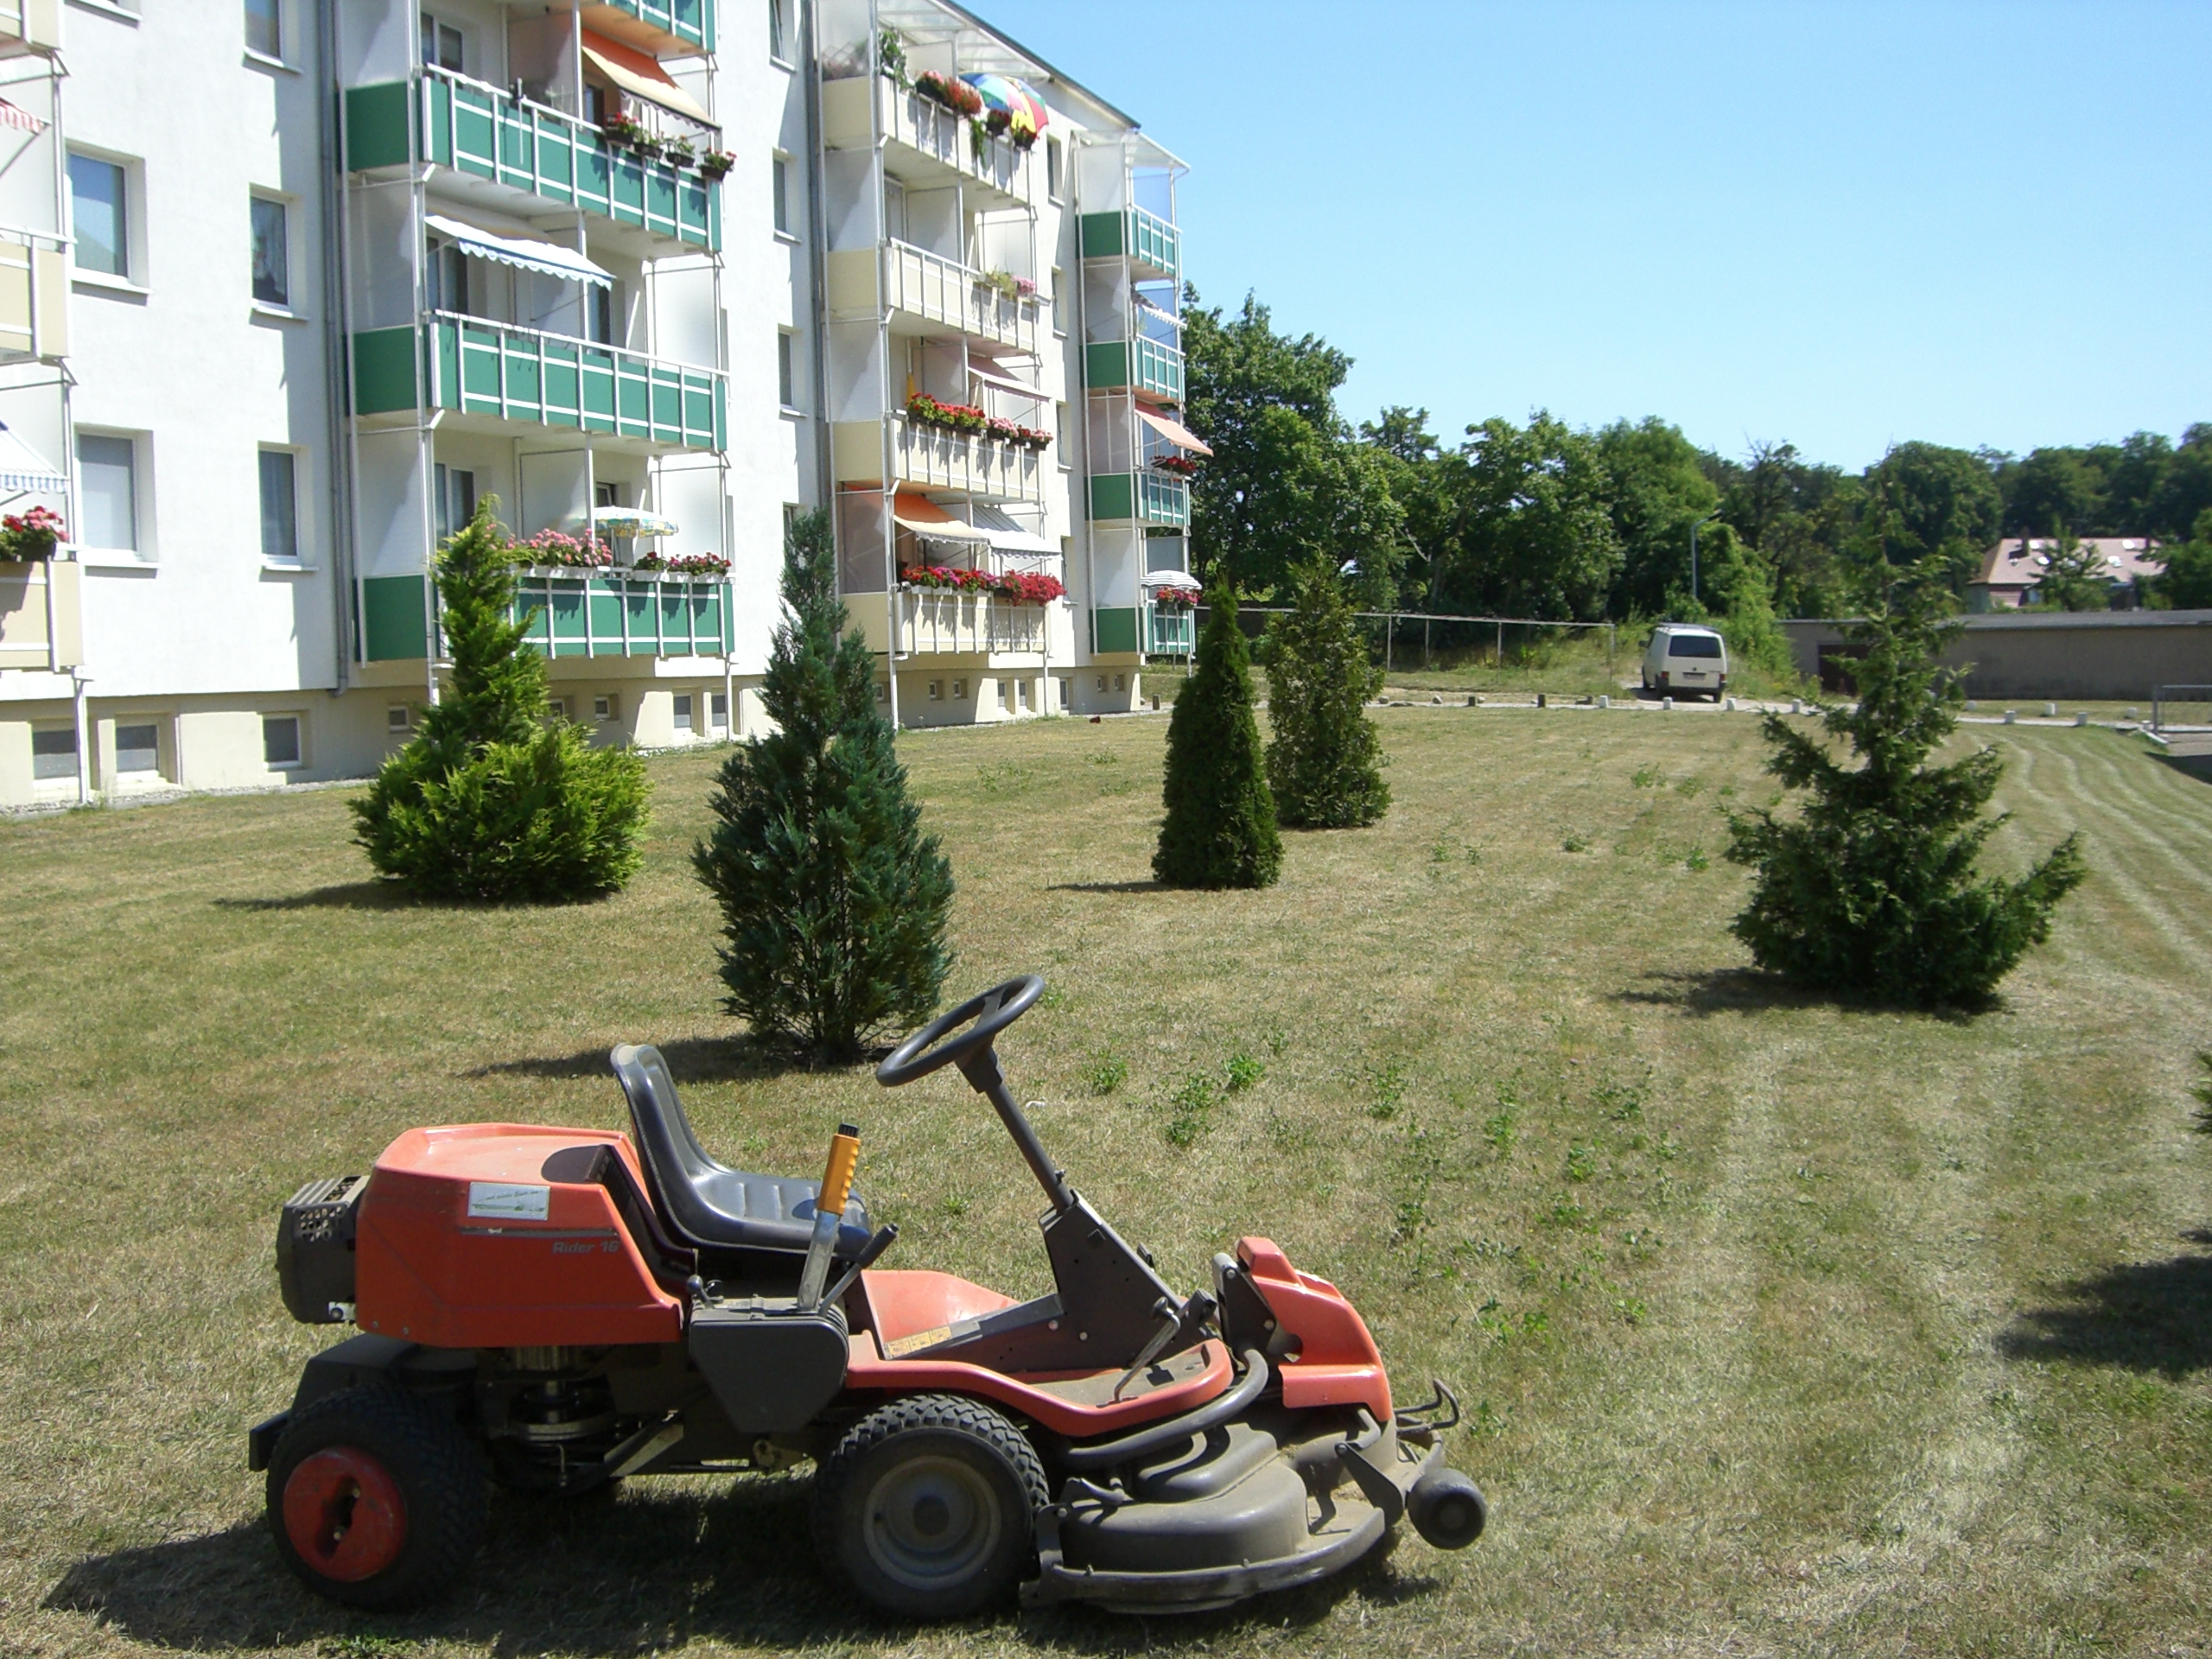 Putzbären - Grünanlagenpflege